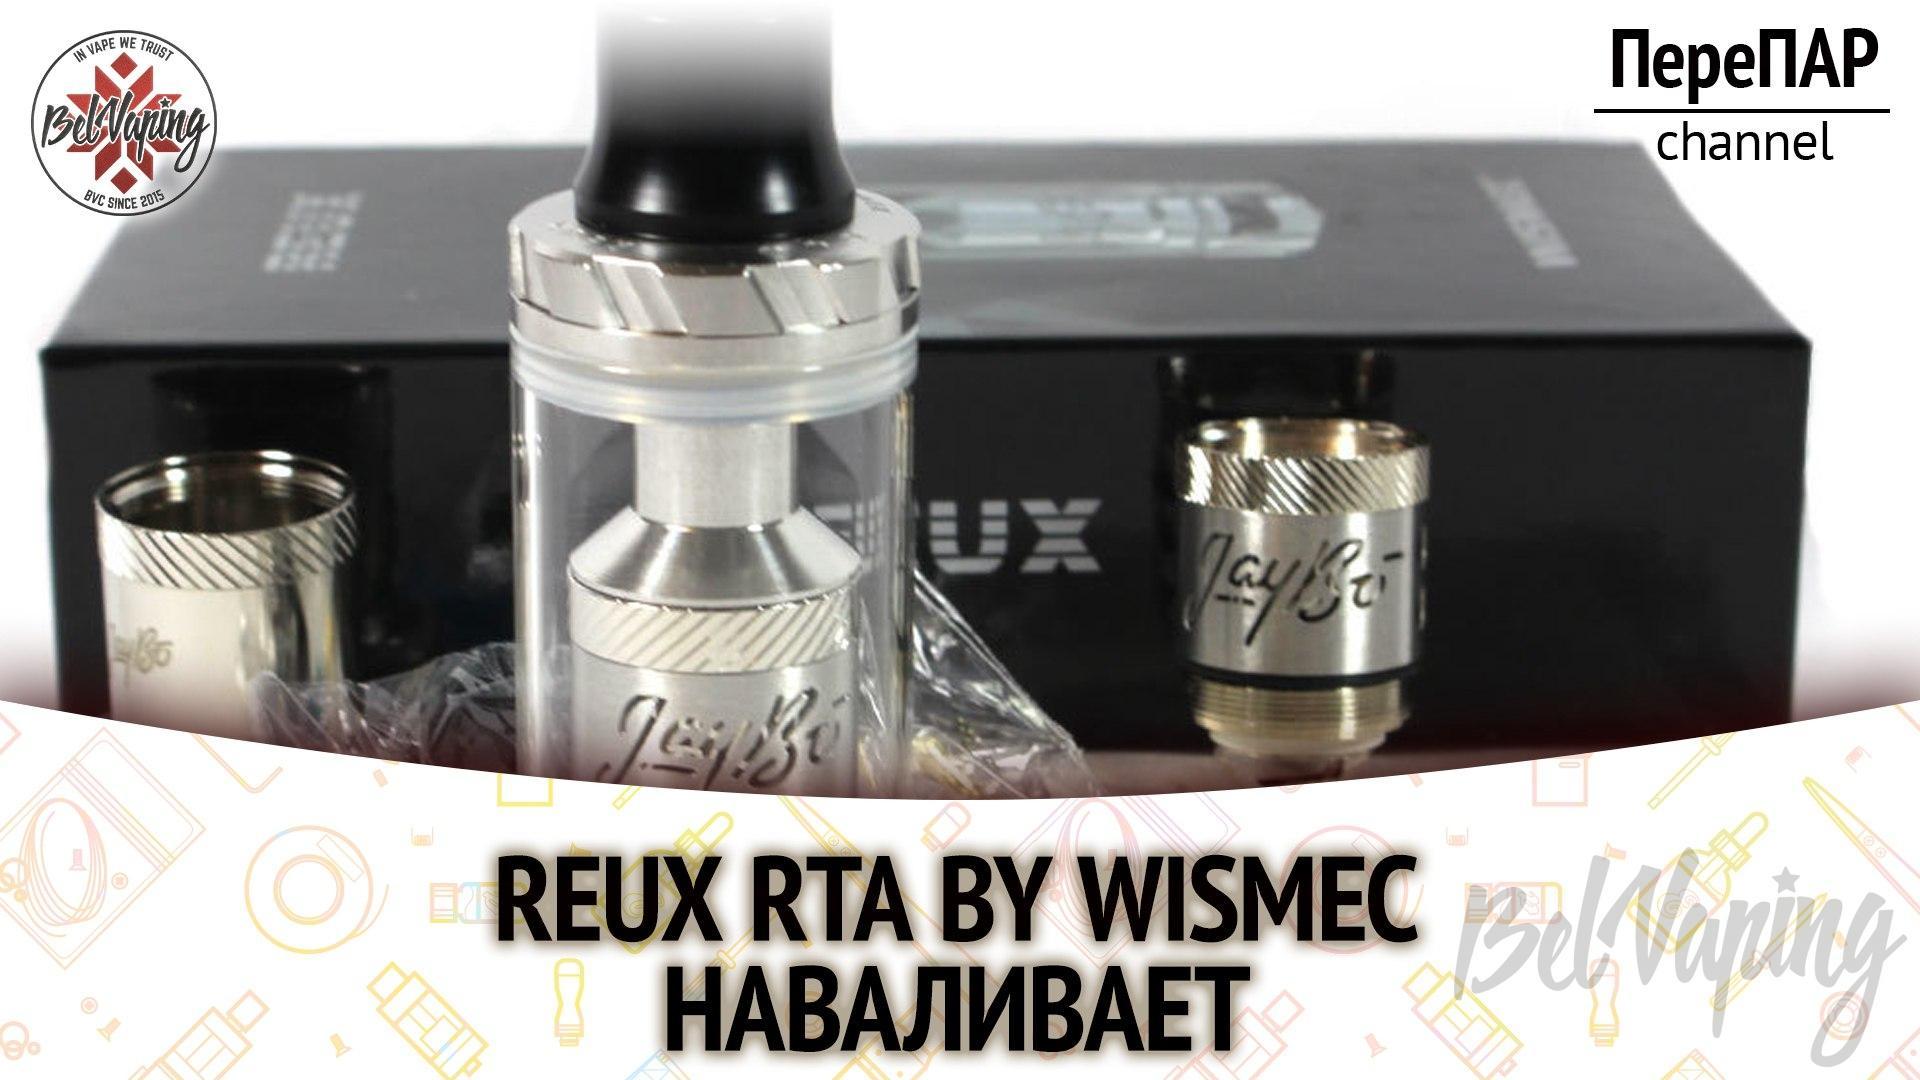 Обзор Reux RTA от Wismec